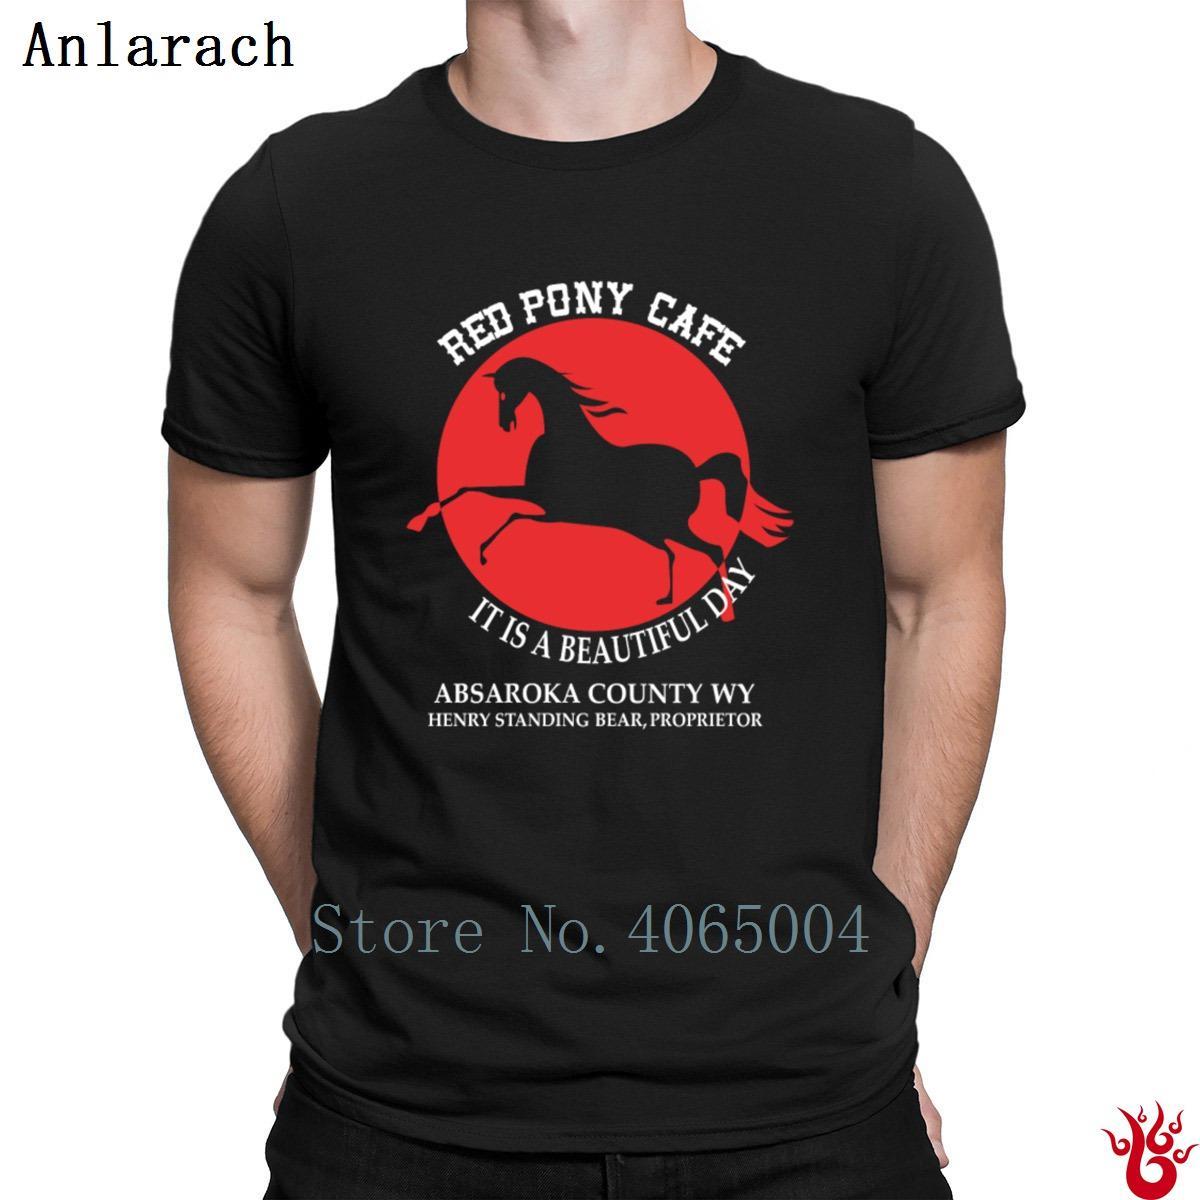 Red Pony Cafe E 'una bella giornata shirt magliette della novità Hiphop Top T For Men 2018 fitness divertente casual formato S-3XL del modello